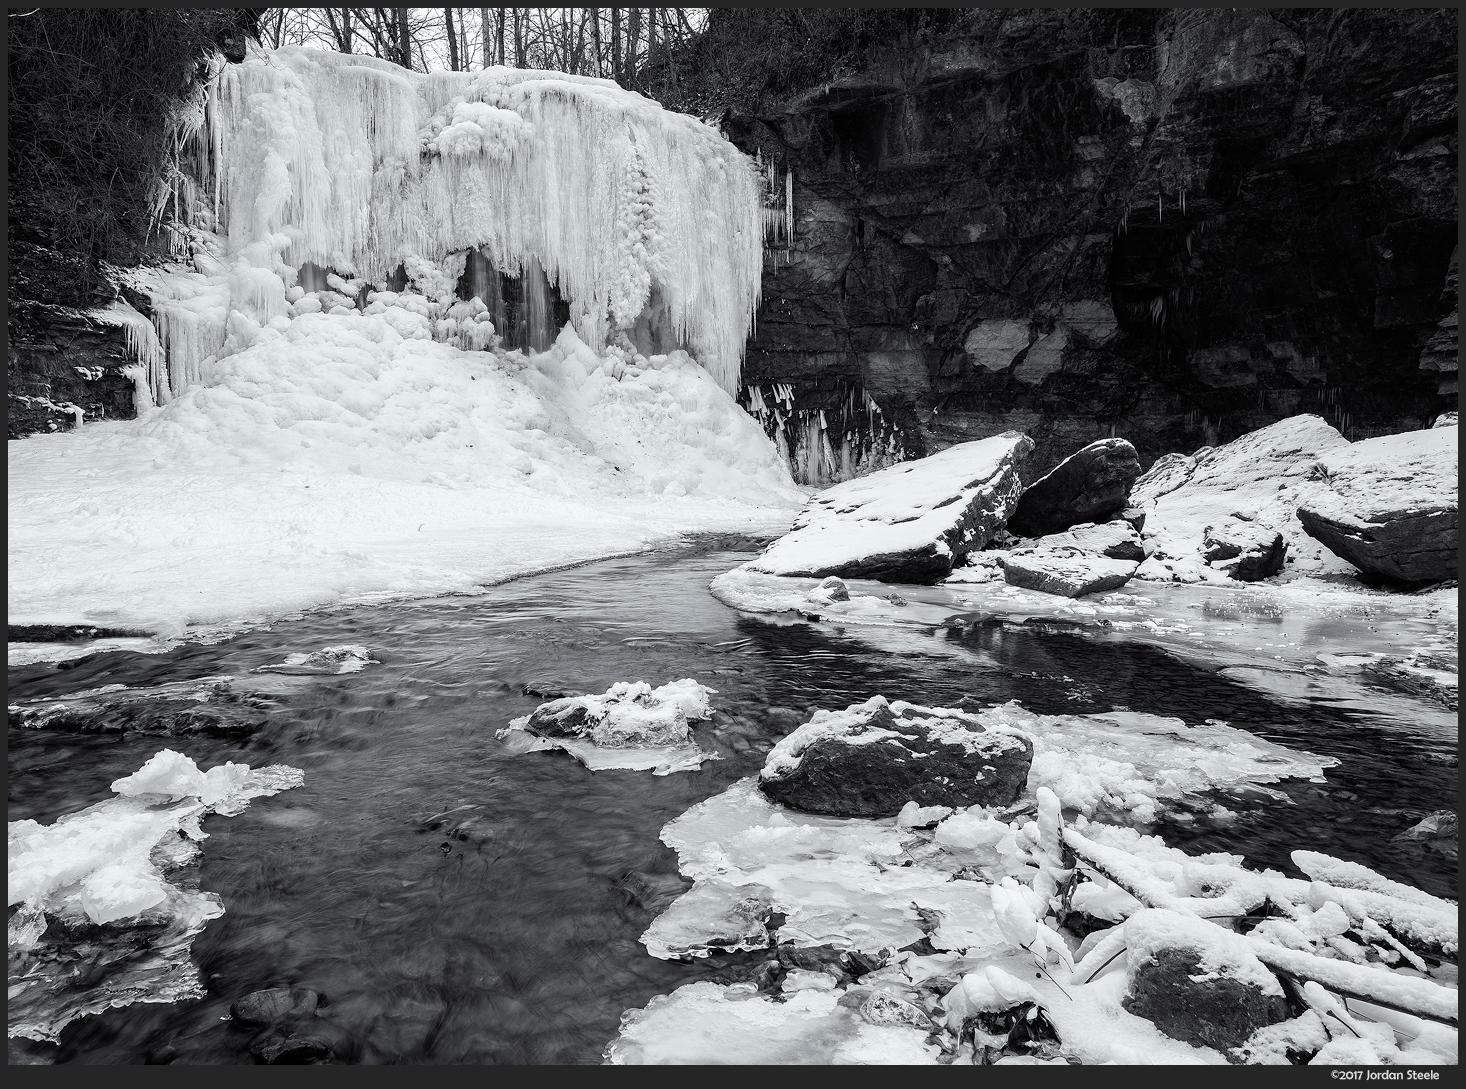 Hayden Run Falls - Fujifilm X-T2 with Fujinon XF 14mm f/2.8 @ f/11